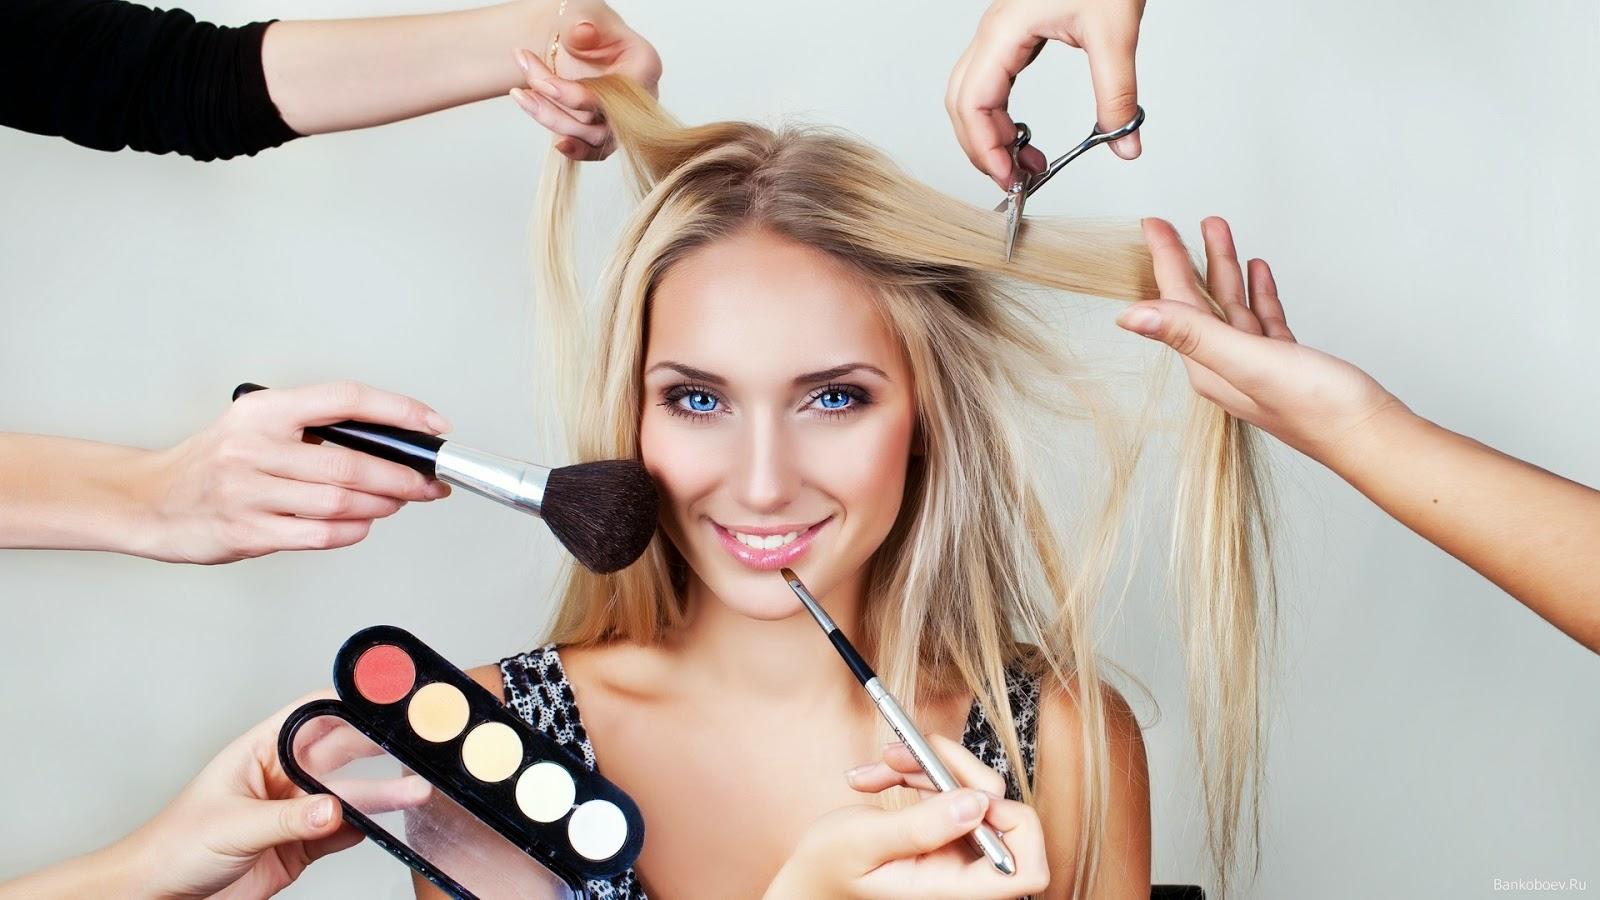 kosmetika-dlja-devochek-foto